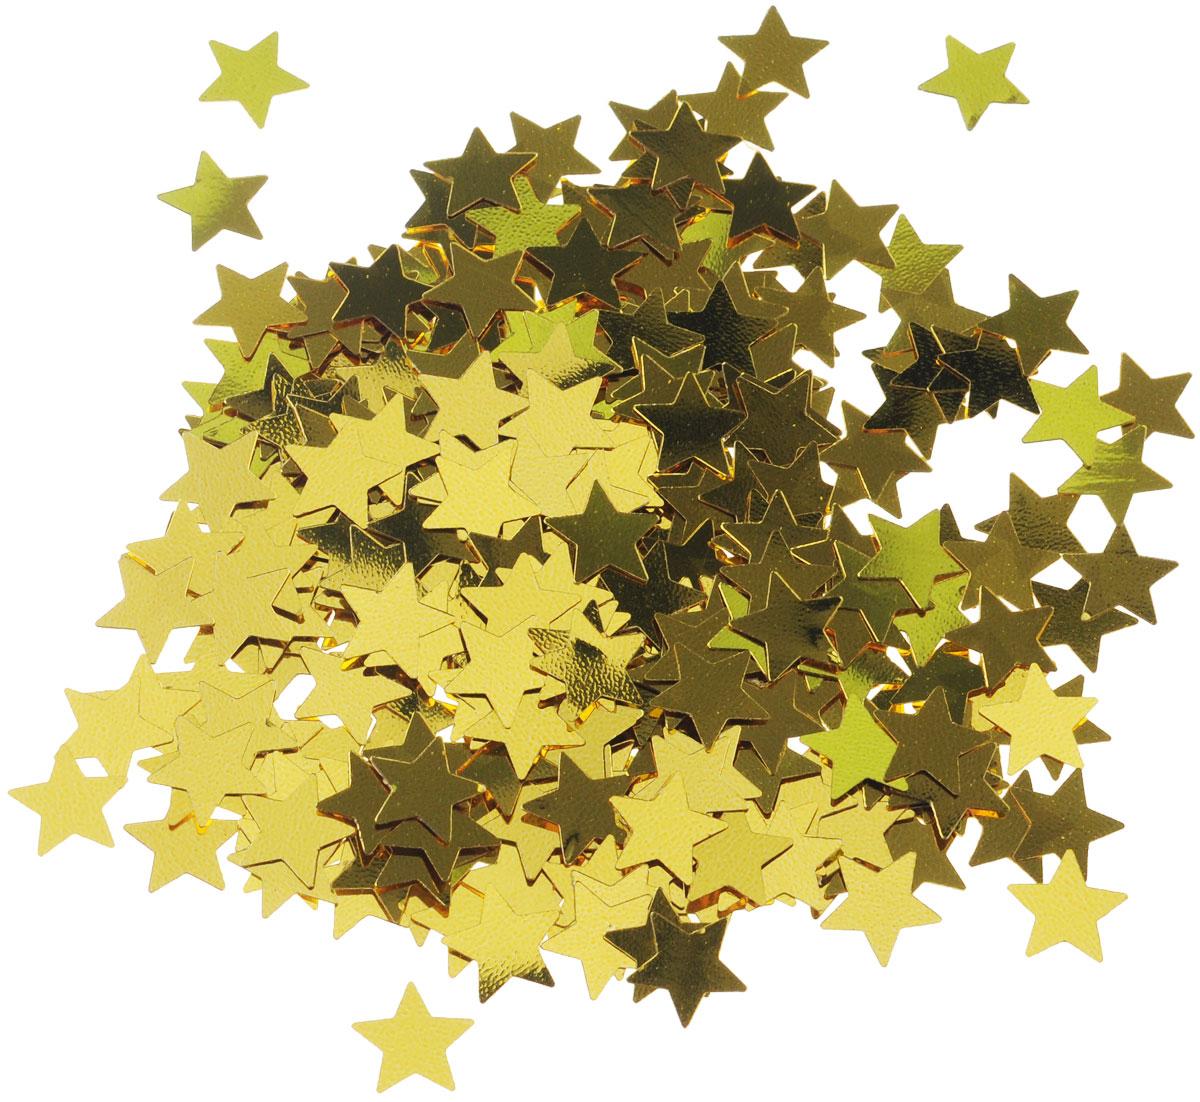 Веселая затея Конфетти Золотые звезды, 14 гC0038550Конфетти Веселая затея Золотые звезды - неотъемлемый атрибут праздников, триумфальных шествий, а также свадебных торжеств. Выполнено из прочного материала в форме золотых звездочек.Конфетти осыпают друг друга участники празднеств или его сбрасывают сверху. Конфетти, рассыпанное на столе, является необычной и привлекательной формой украшения праздничного застолья. Еще один оригинальный способ порадовать друзей и близких - насыпьте конфетти в конверт с открыткой - это будет неожиданный сюрприз!Это чудесное украшение принесет в ваш дом или офис незабываемую атмосферу праздничного веселья!